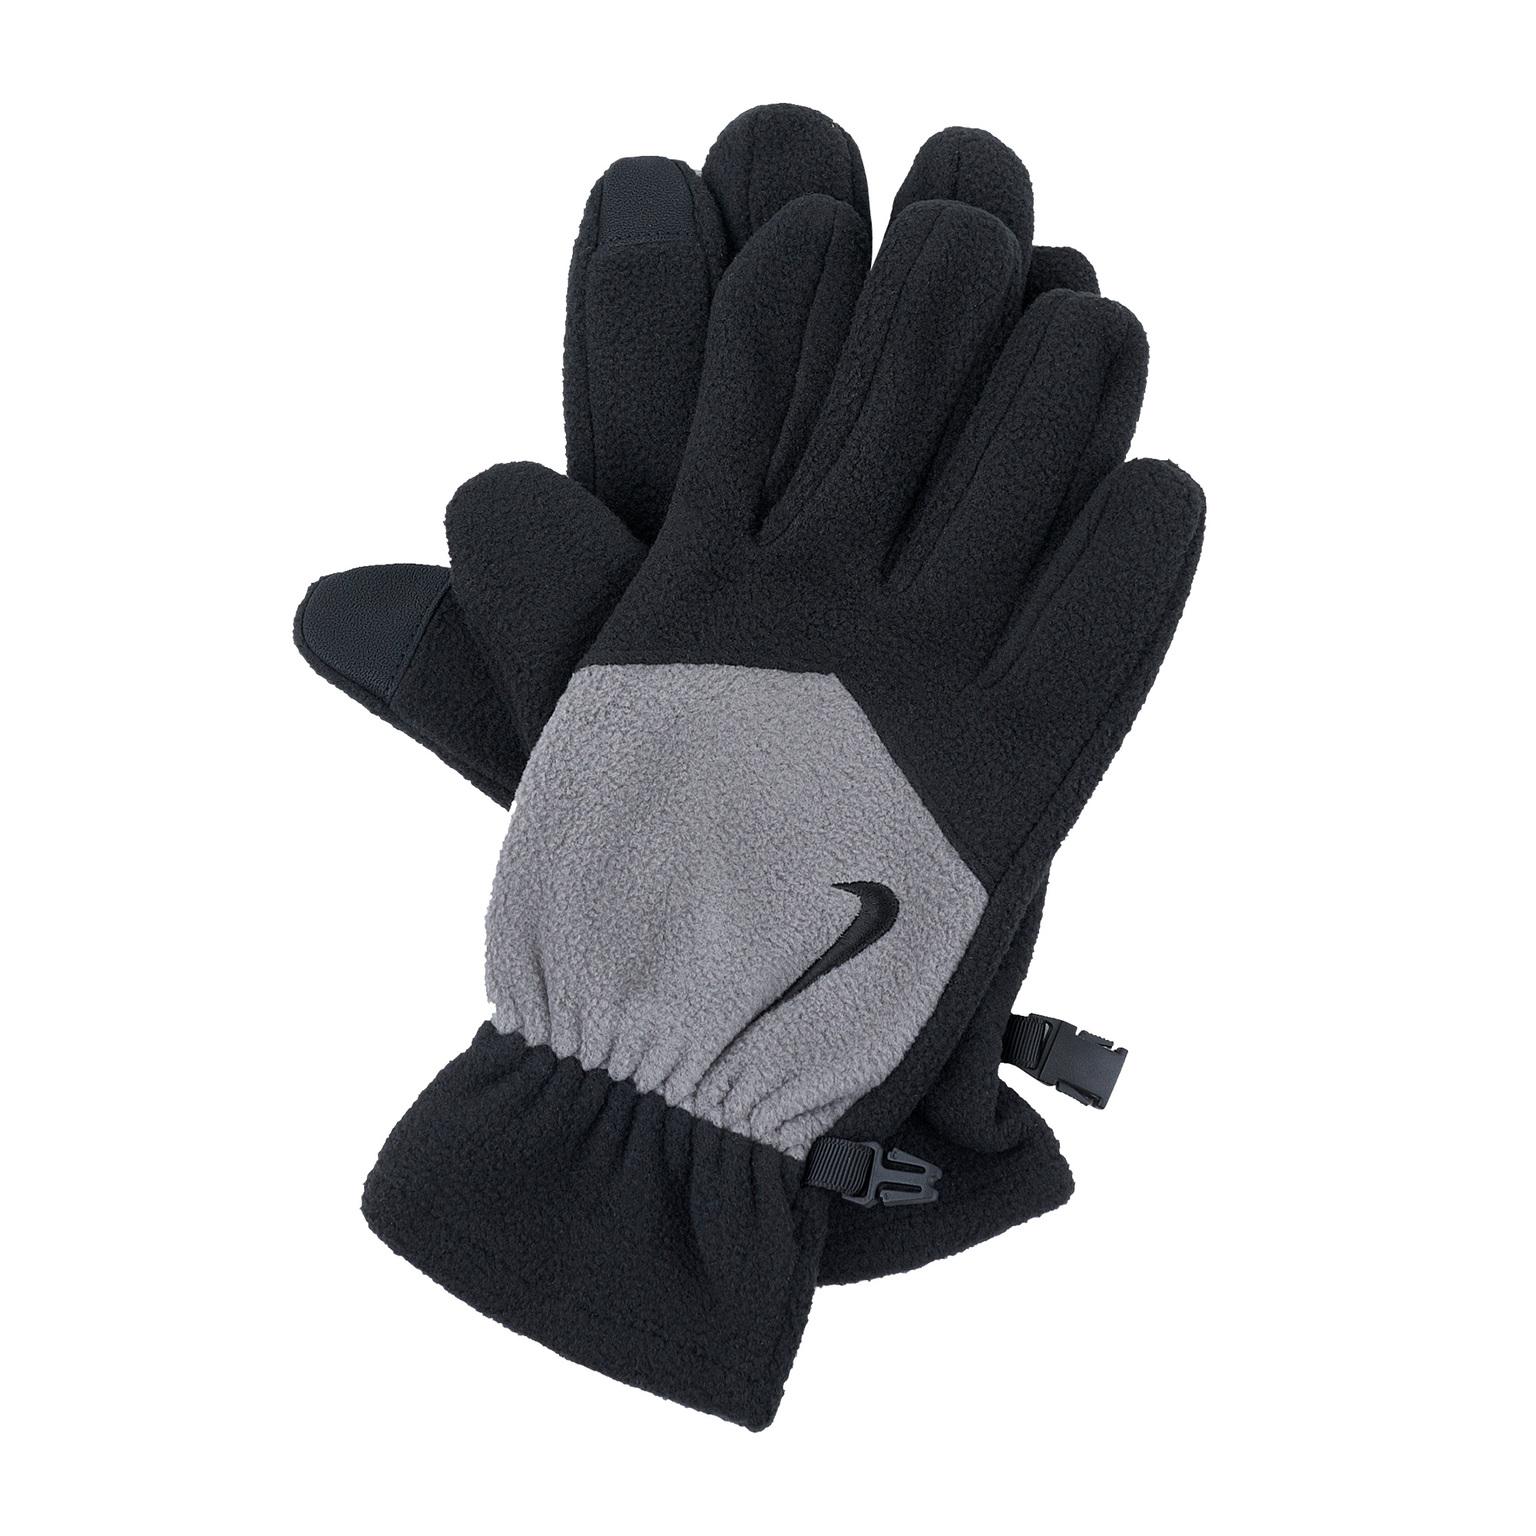 Перчатки тренировочные Nike Fleece Tech N.WG.C3.035 цена 2017